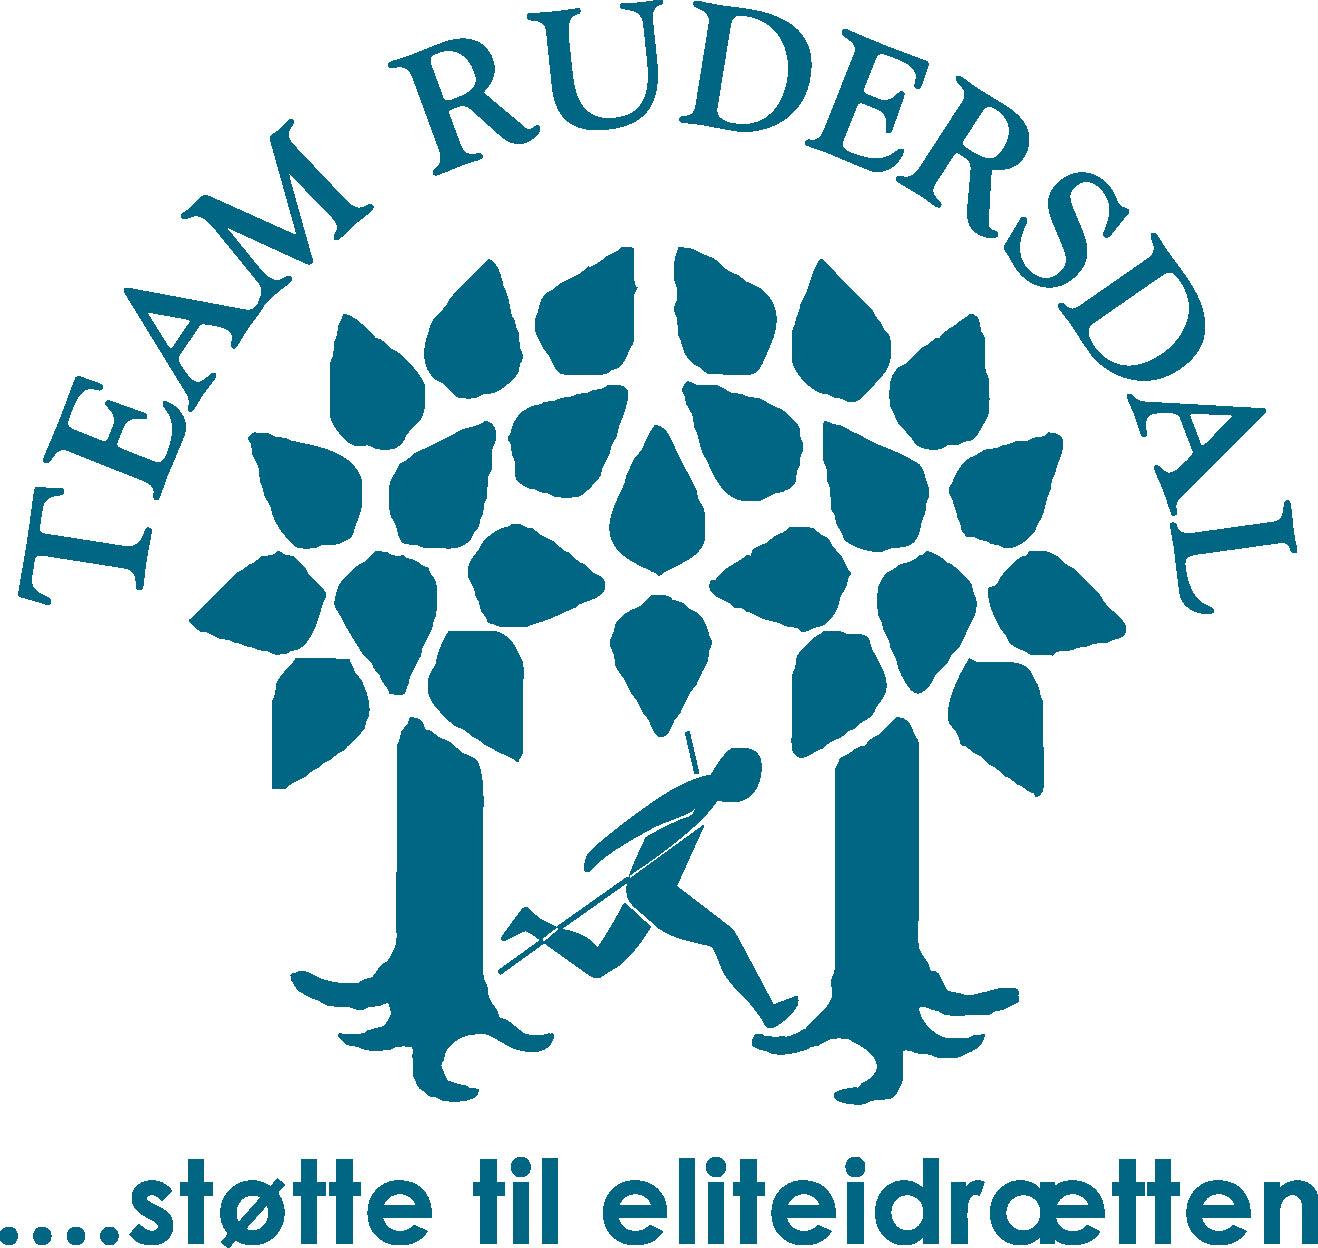 teamRudersdal-logo06.jpg